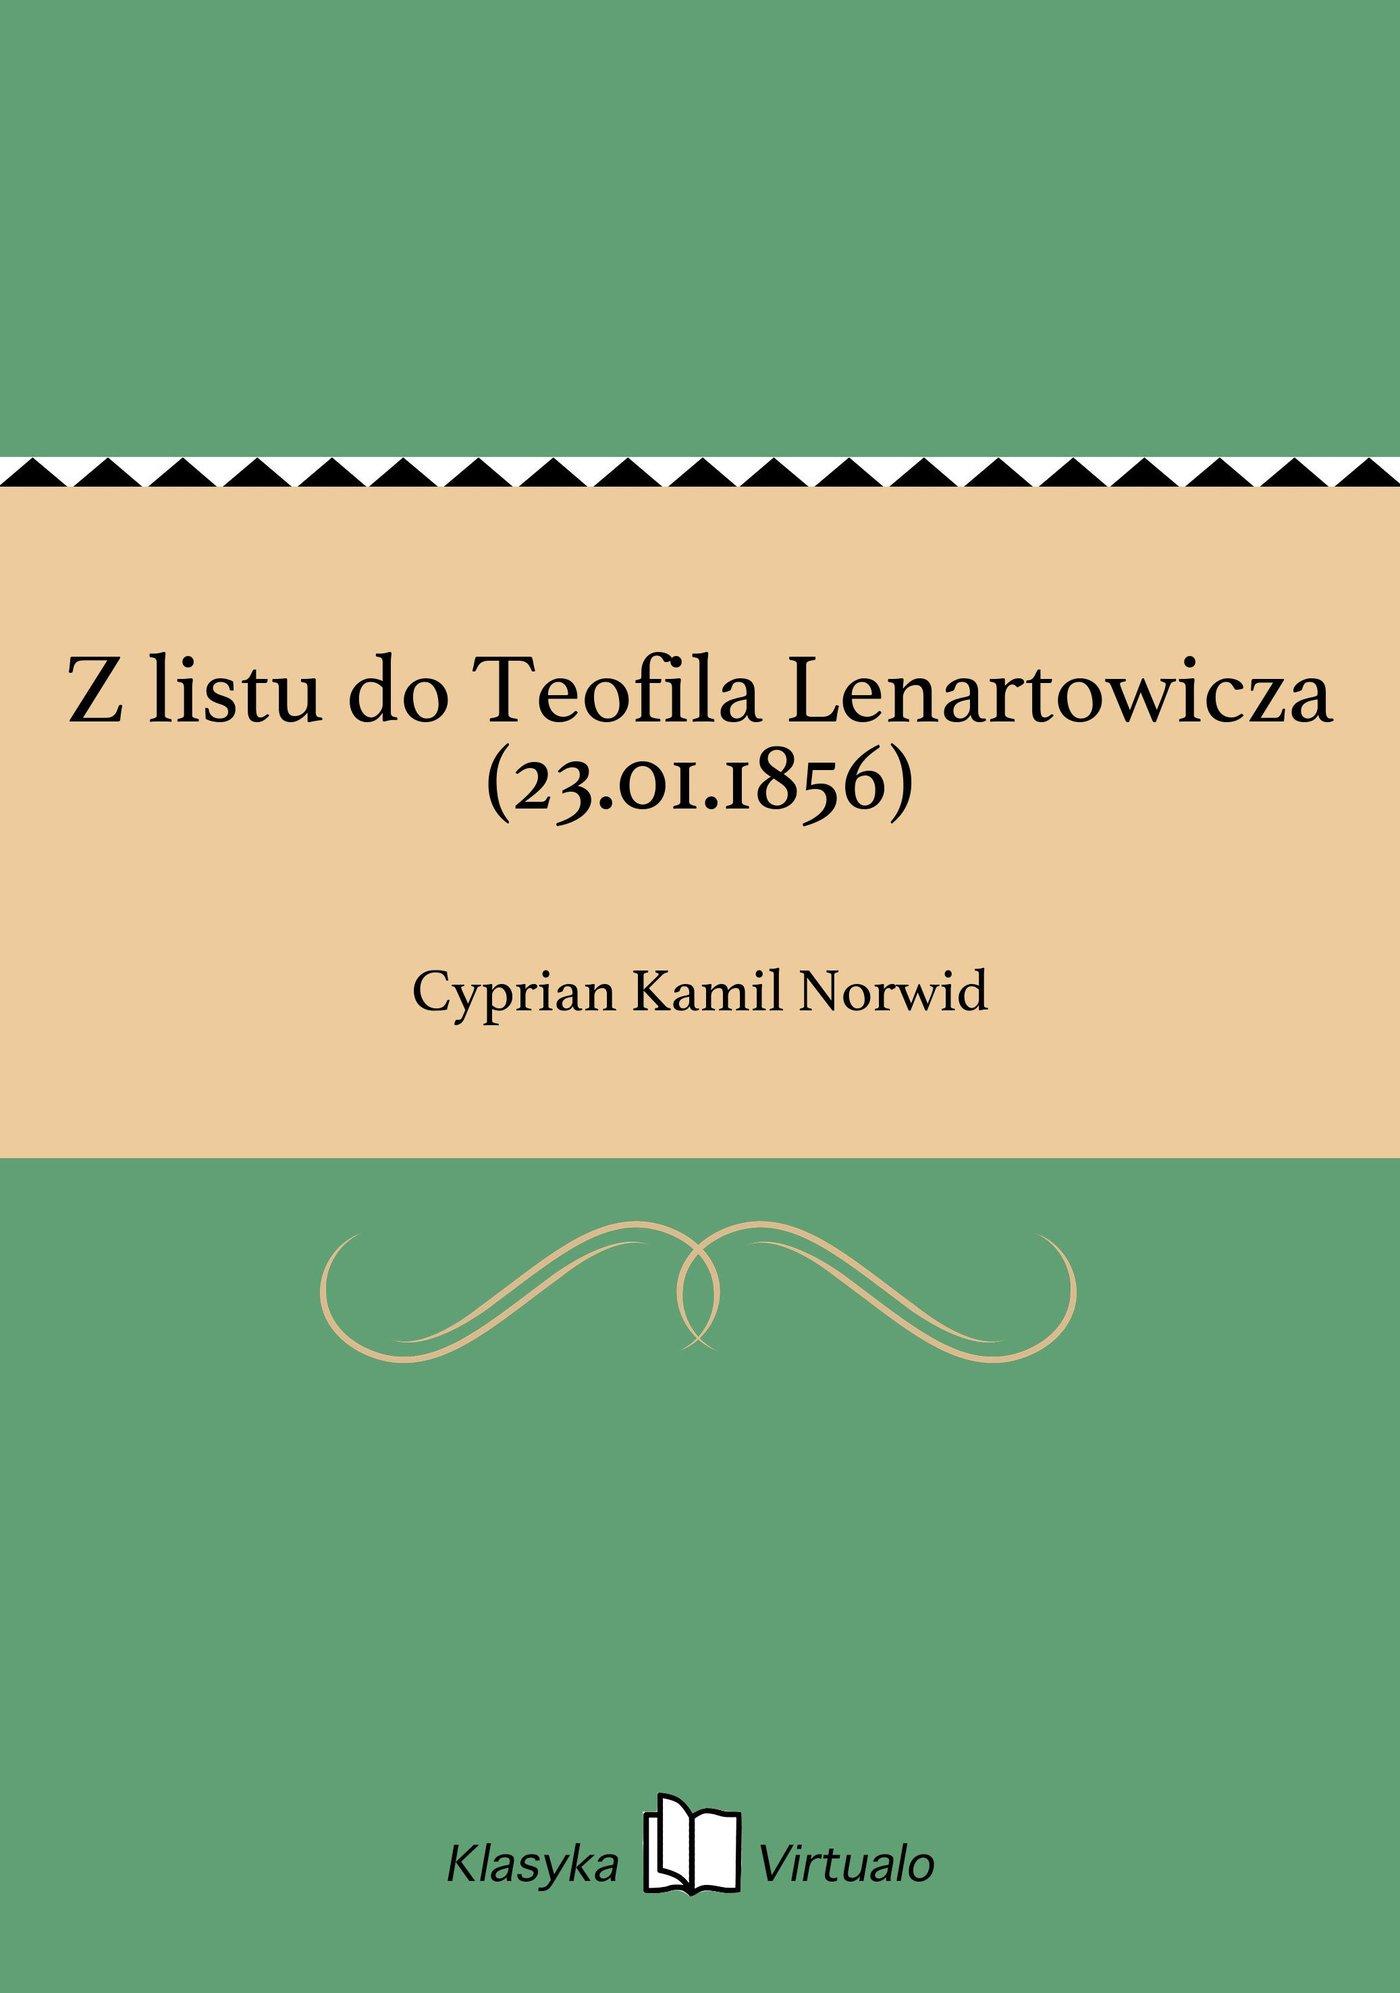 Z listu do Teofila Lenartowicza (23.01.1856) - Ebook (Książka EPUB) do pobrania w formacie EPUB